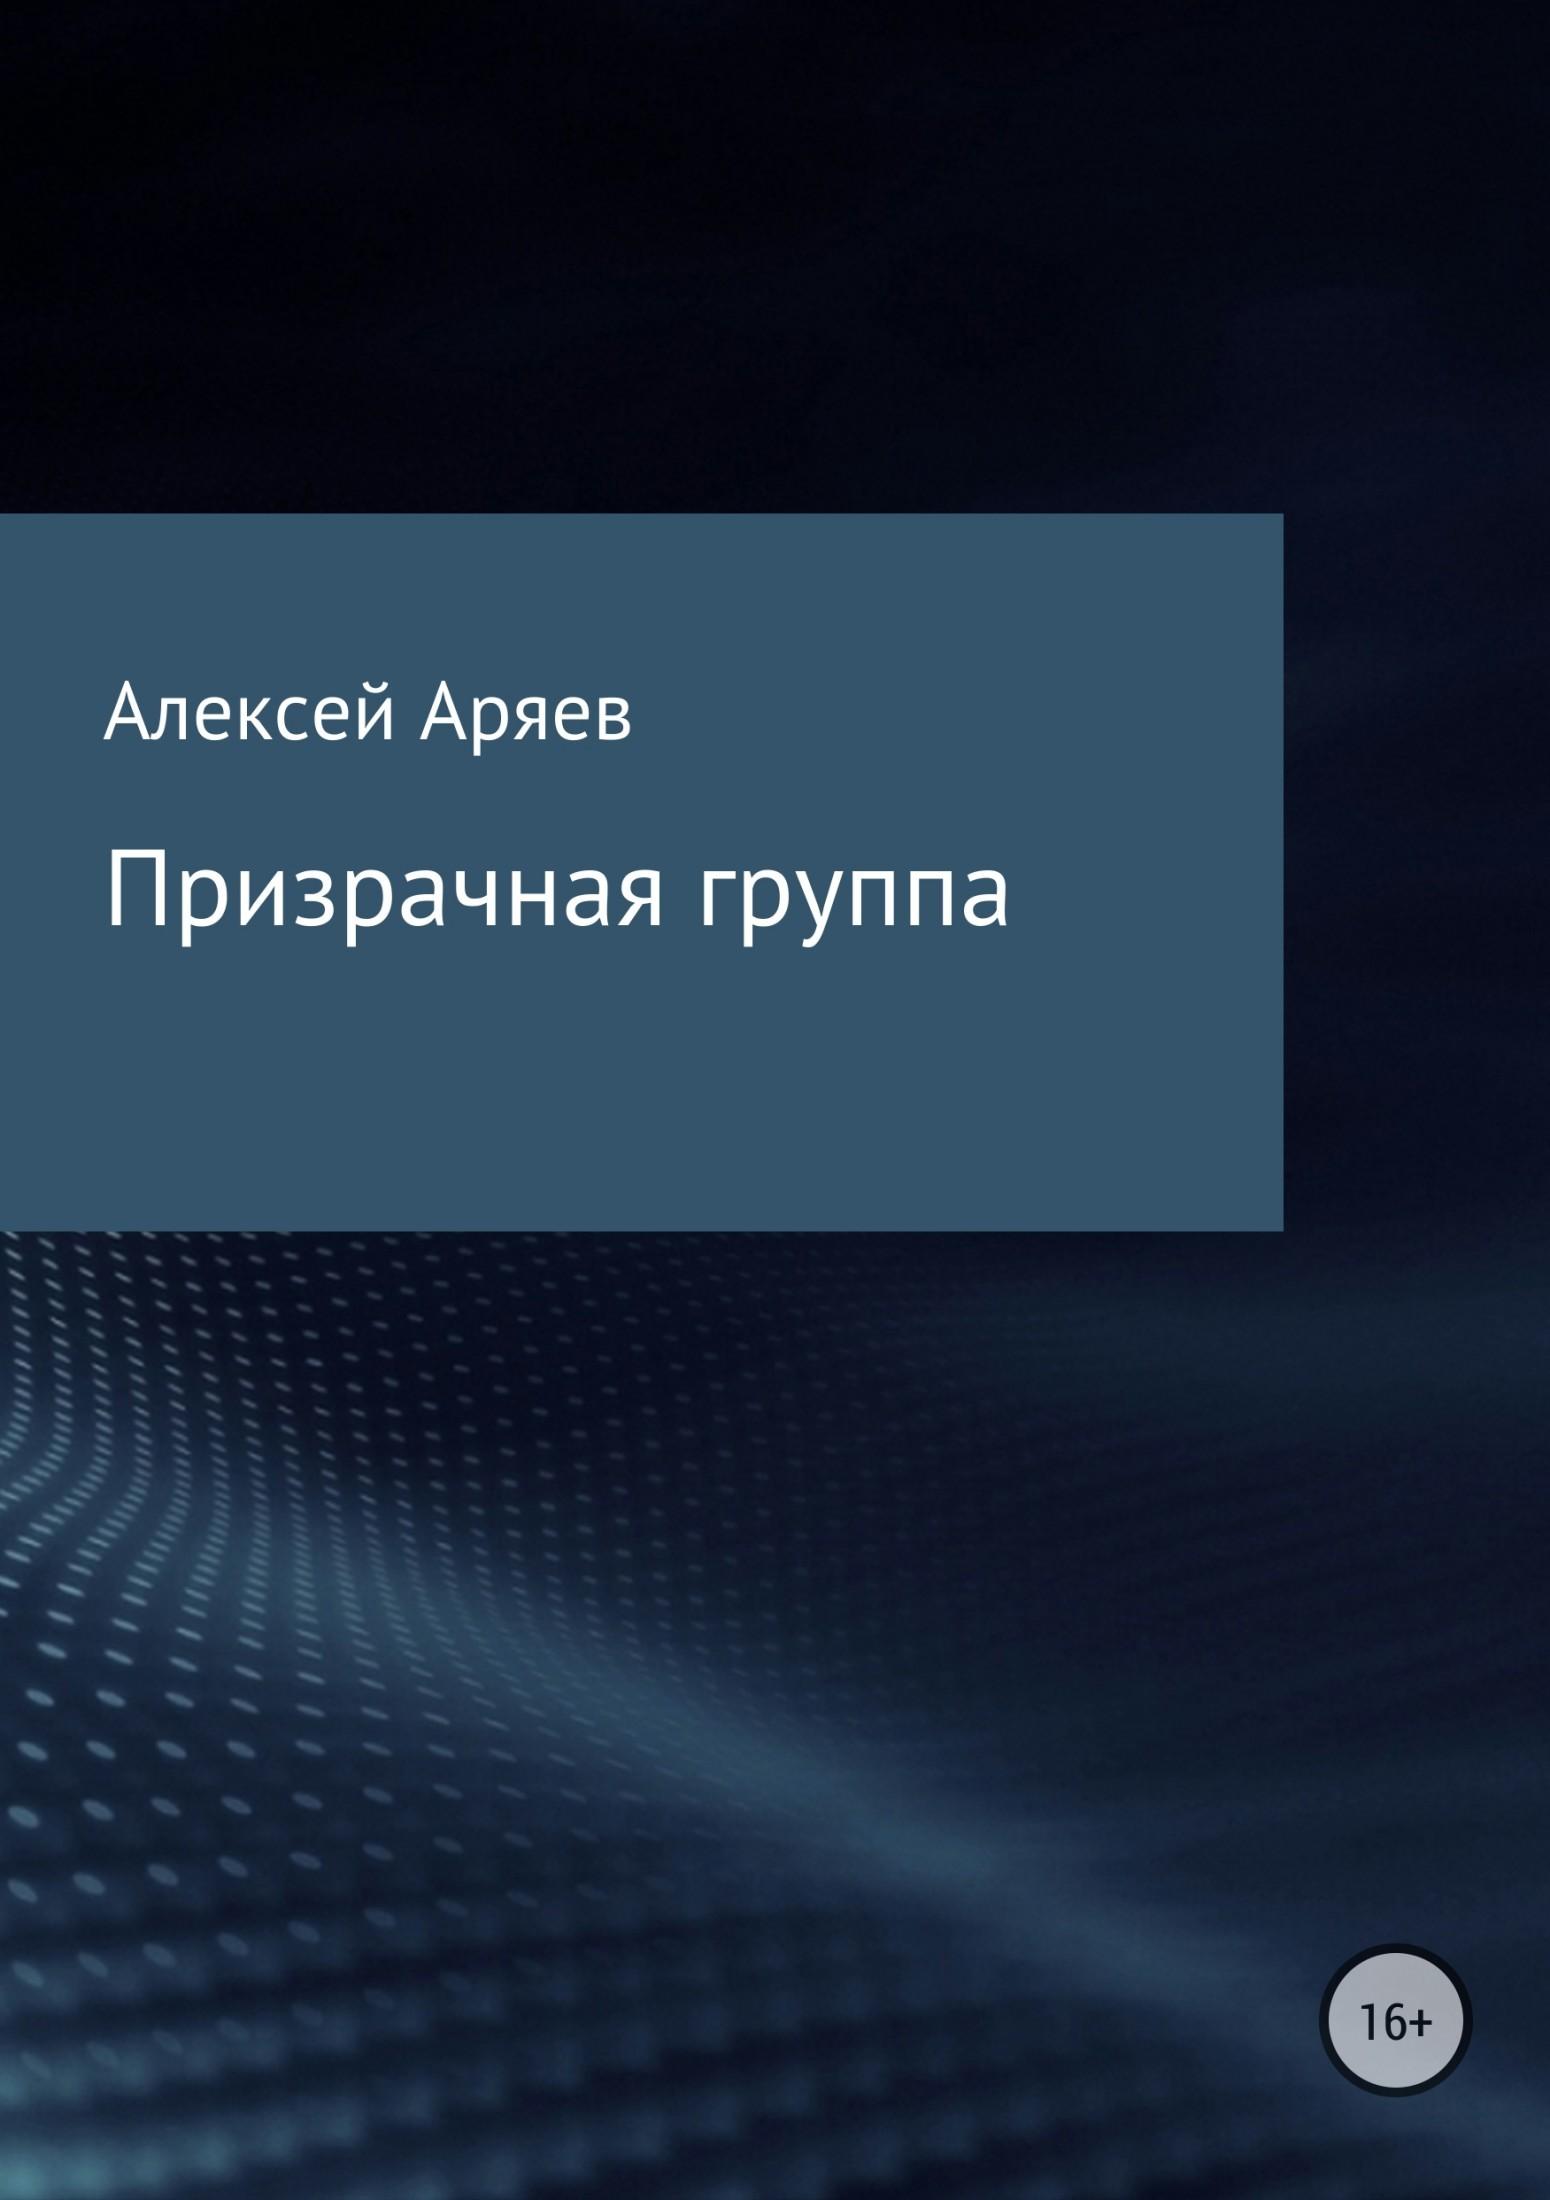 Алексей Аряев - Призрачная группа